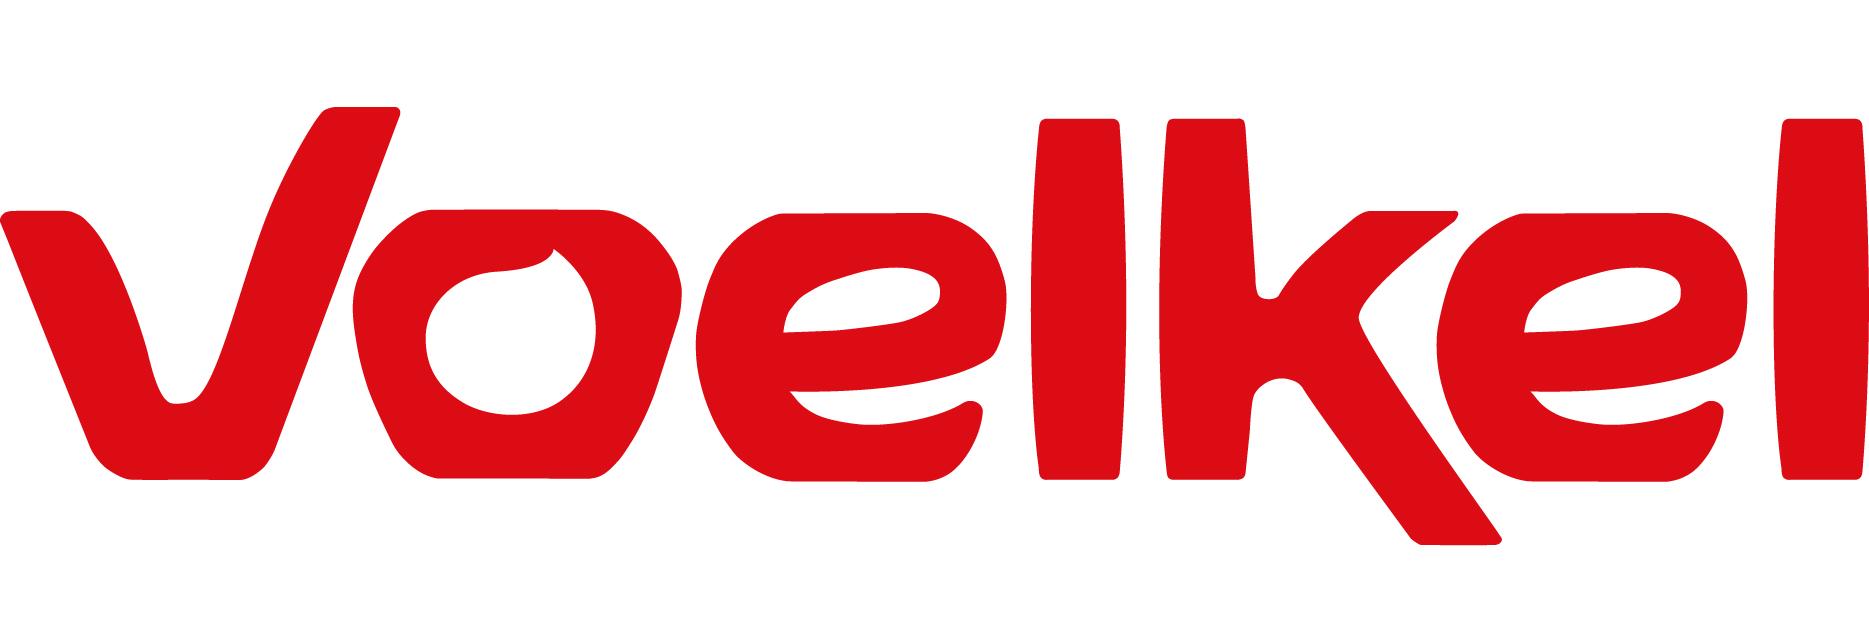 Voelkel-Logo-2019